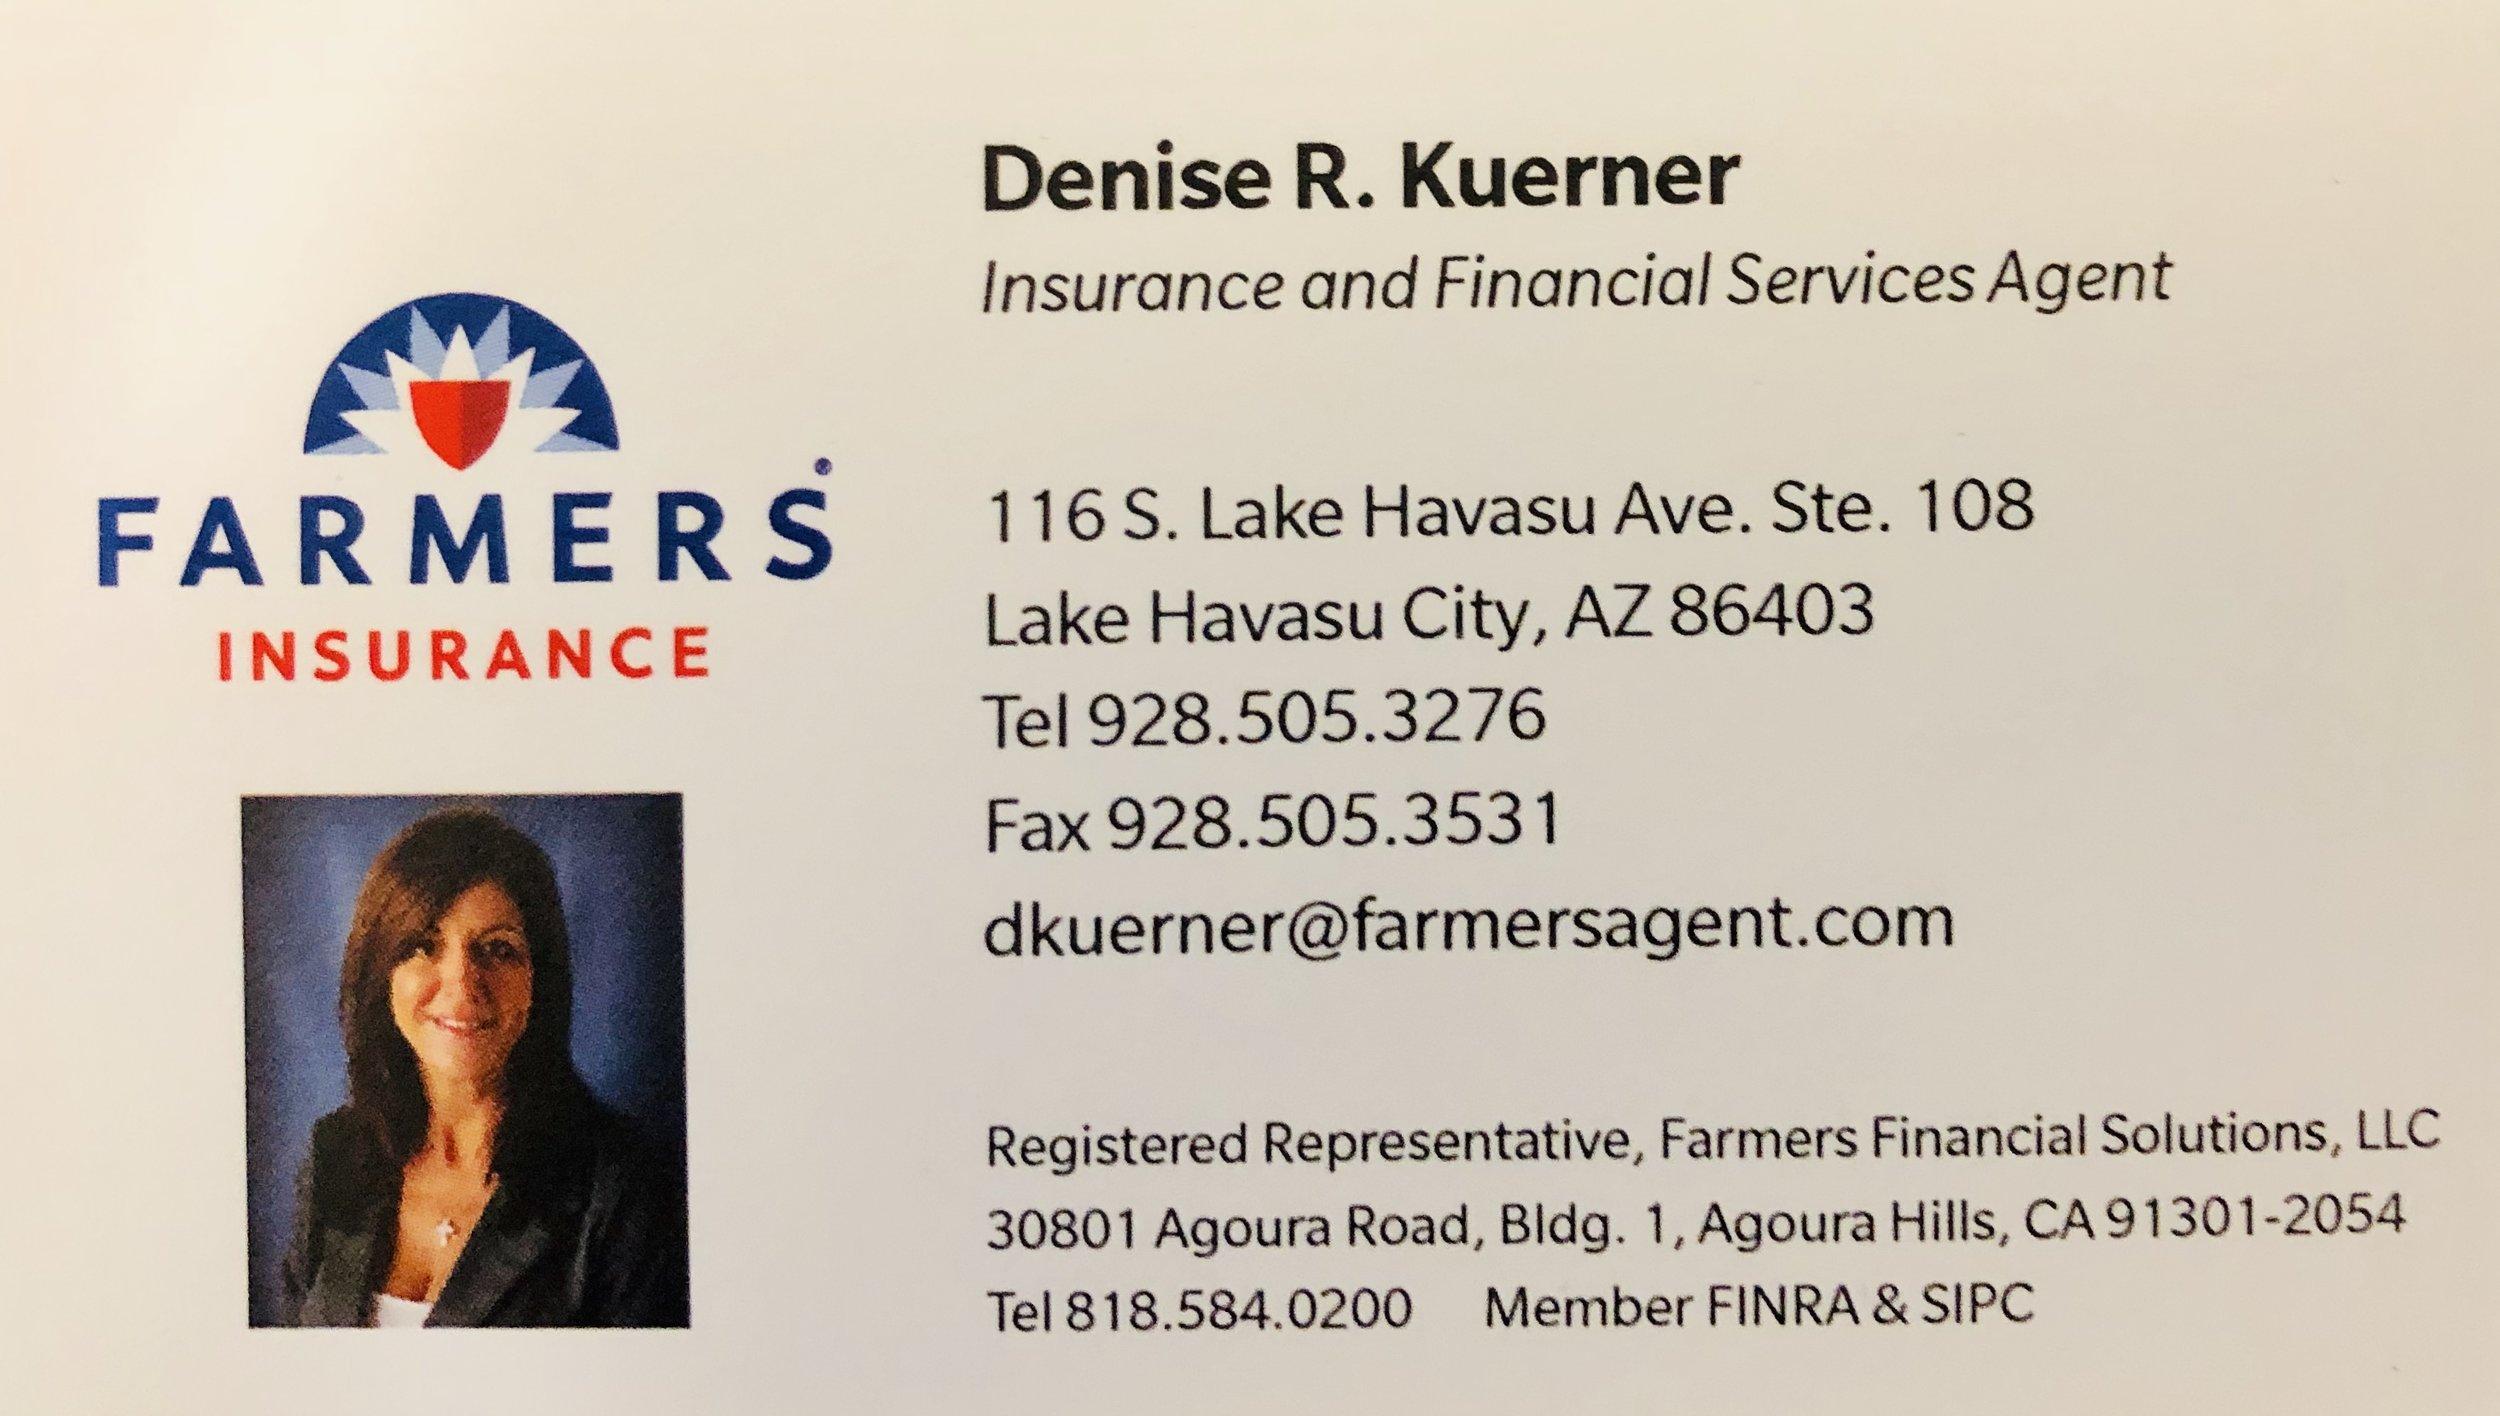 Denise Kuerner/Farmers Insurance